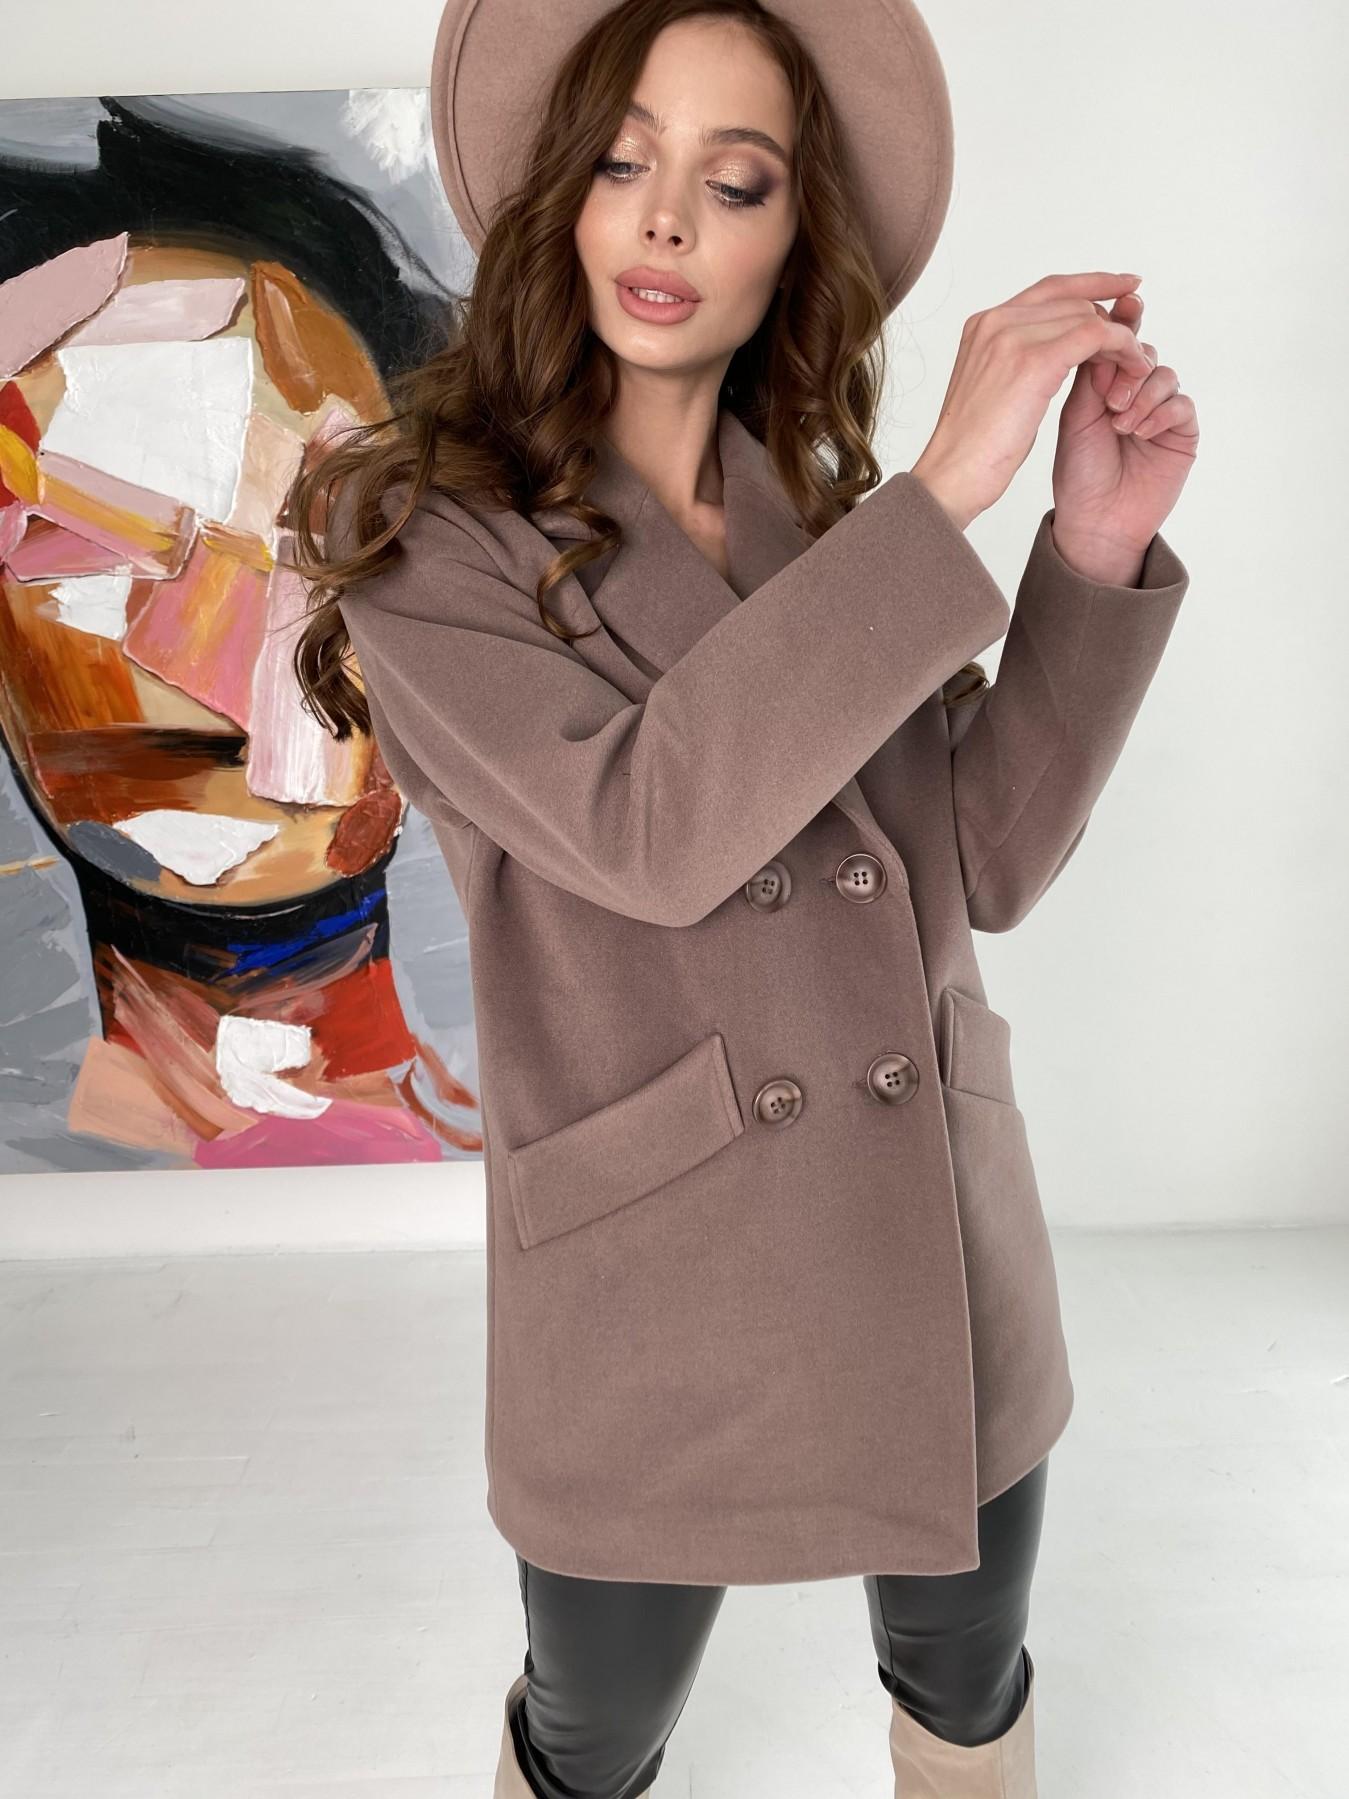 Бонд пальто кашемировое на трикотаже 10642 АРТ. 47009 Цвет: Кофе - фото 5, интернет магазин tm-modus.ru